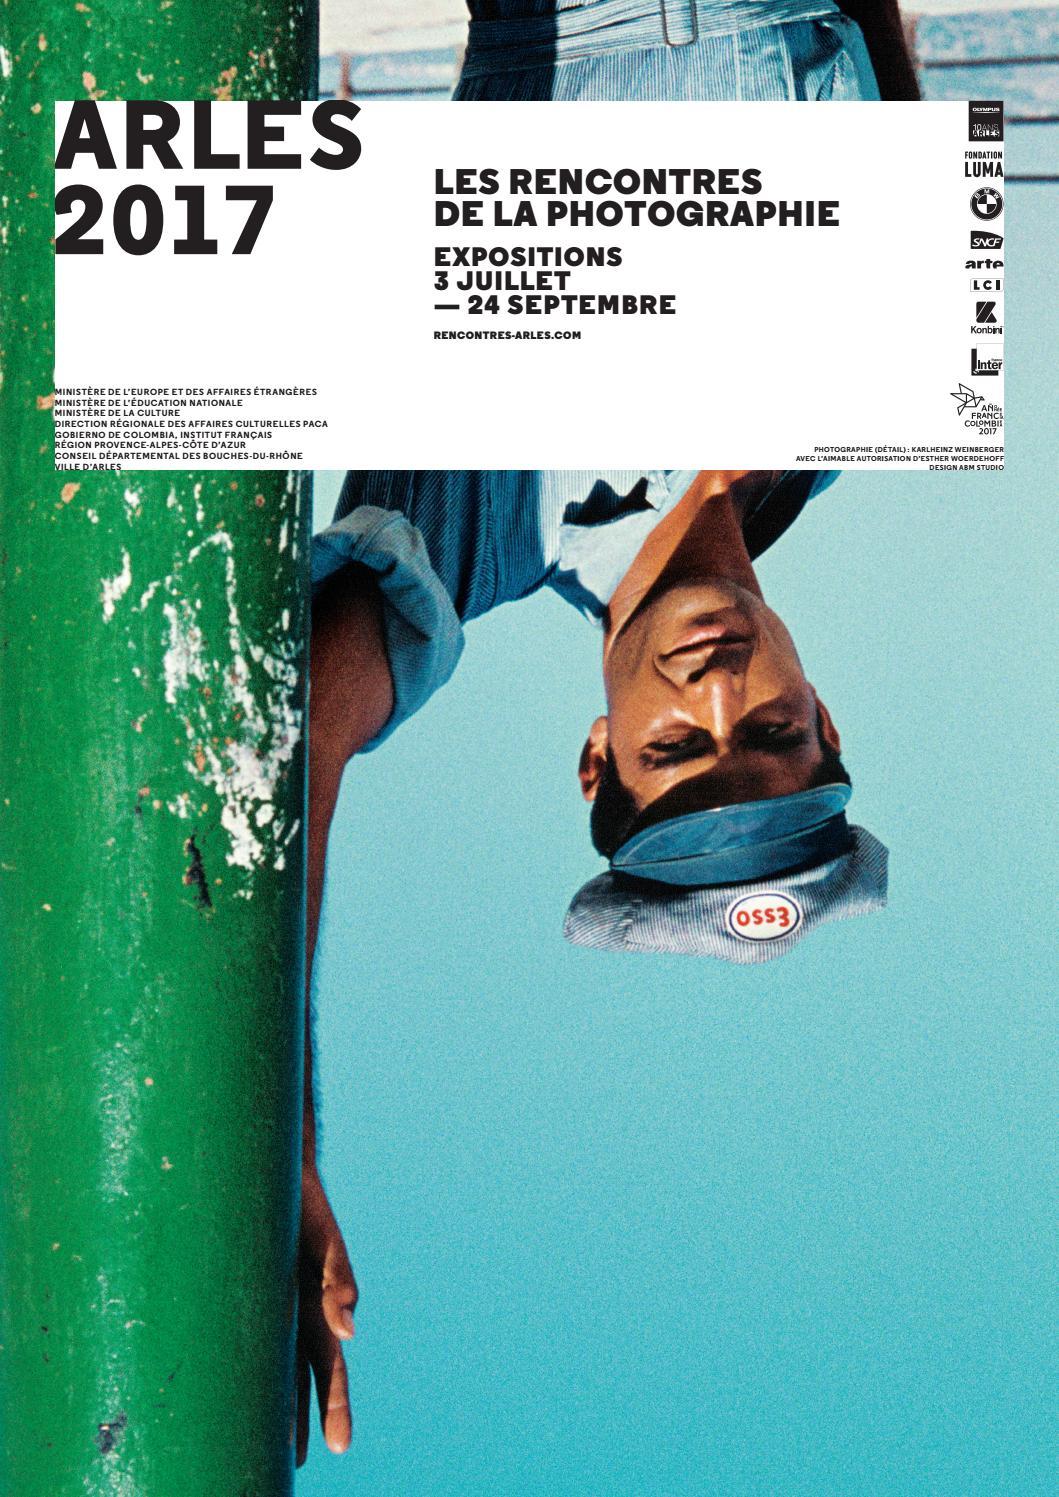 8275f7054b0cfa Arles 2017 les rencontres de la photographie by Les Rencontres de la  photographie, Arles - issuu